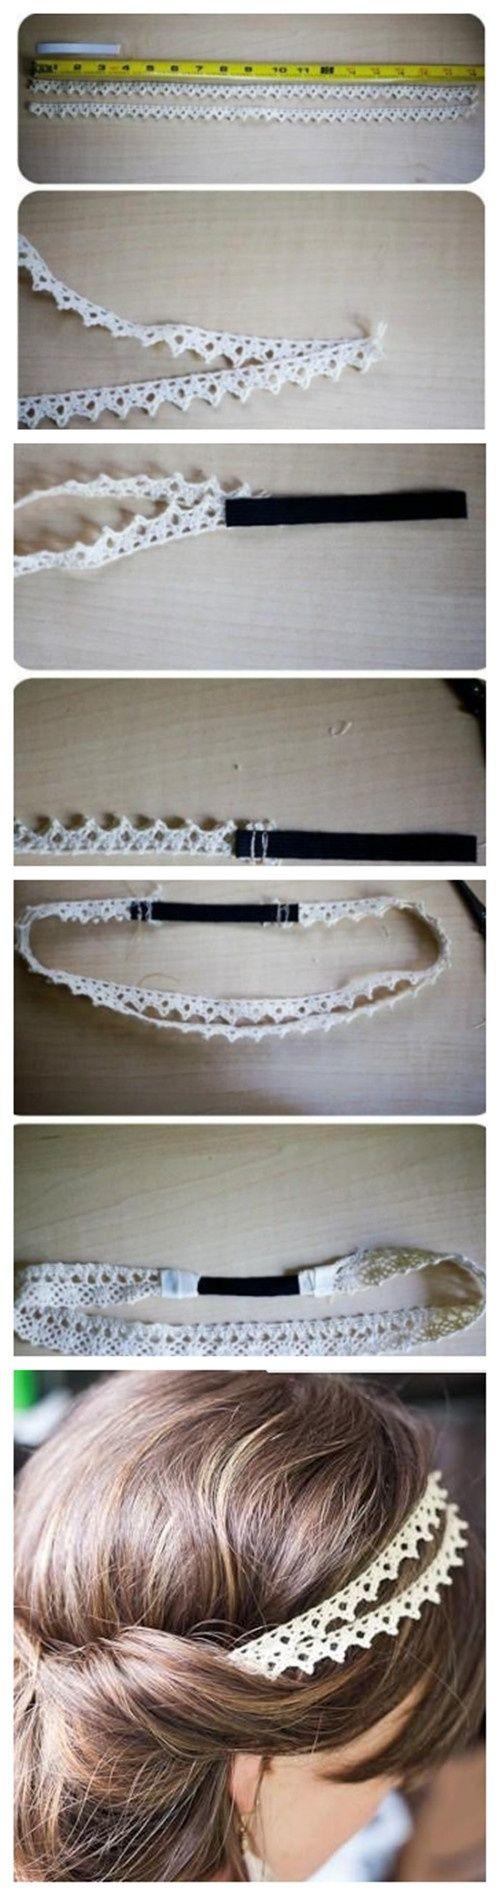 DIY hairpin -